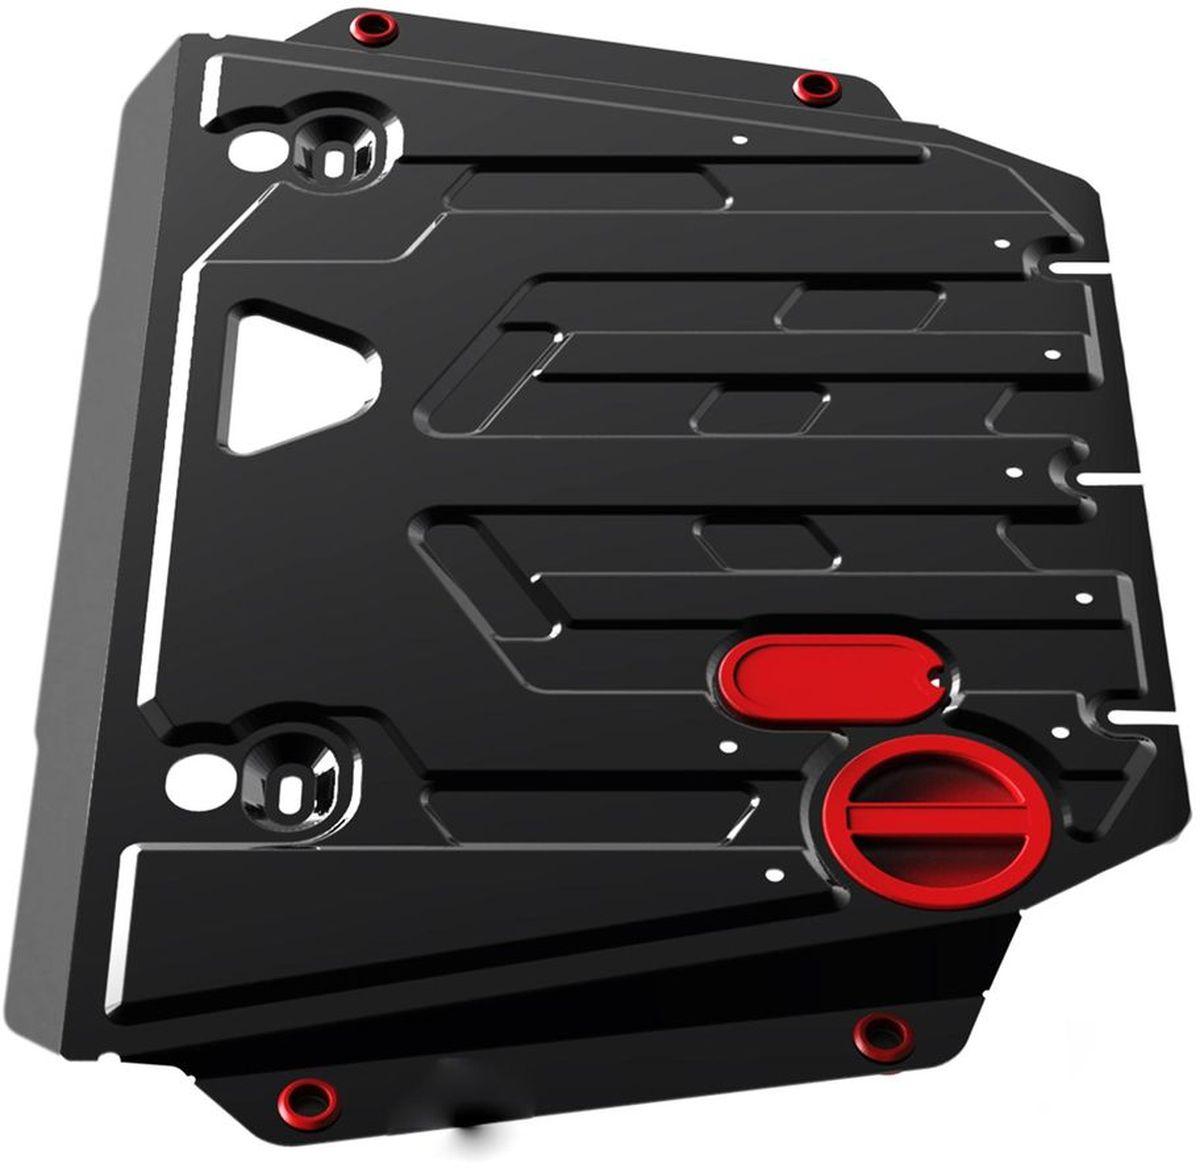 Защита картера и КПП Автоброня Ford Ecosport 2014-, сталь 2 мм111.01852.1Защита картера и КПП Автоброня Ford Ecosport, FWD V - 1,6; 2,0 2014-, сталь 2 мм, комплект крепежа, 111.01852.1Стальные защиты Автоброня надежно защищают ваш автомобиль от повреждений при наезде на бордюры, выступающие канализационные люки, кромки поврежденного асфальта или при ремонте дорог, не говоря уже о загородных дорогах.- Имеют оптимальное соотношение цена-качество.- Спроектированы с учетом особенностей автомобиля, что делает установку удобной.- Защита устанавливается в штатные места кузова автомобиля.- Является надежной защитой для важных элементов на протяжении долгих лет.- Глубокий штамп дополнительно усиливает конструкцию защиты.- Подштамповка в местах крепления защищает крепеж от срезания.- Технологические отверстия там, где они необходимы для смены масла и слива воды, оборудованные заглушками, закрепленными на защите.Толщина стали 2 мм.В комплекте крепеж и инструкция по установке.Уважаемые клиенты!Обращаем ваше внимание на тот факт, что защита имеет форму, соответствующую модели данного автомобиля. Наличие глубокого штампа и лючков для смены фильтров/масла предусмотрено не на всех защитах. Фото служит для визуального восприятия товара.